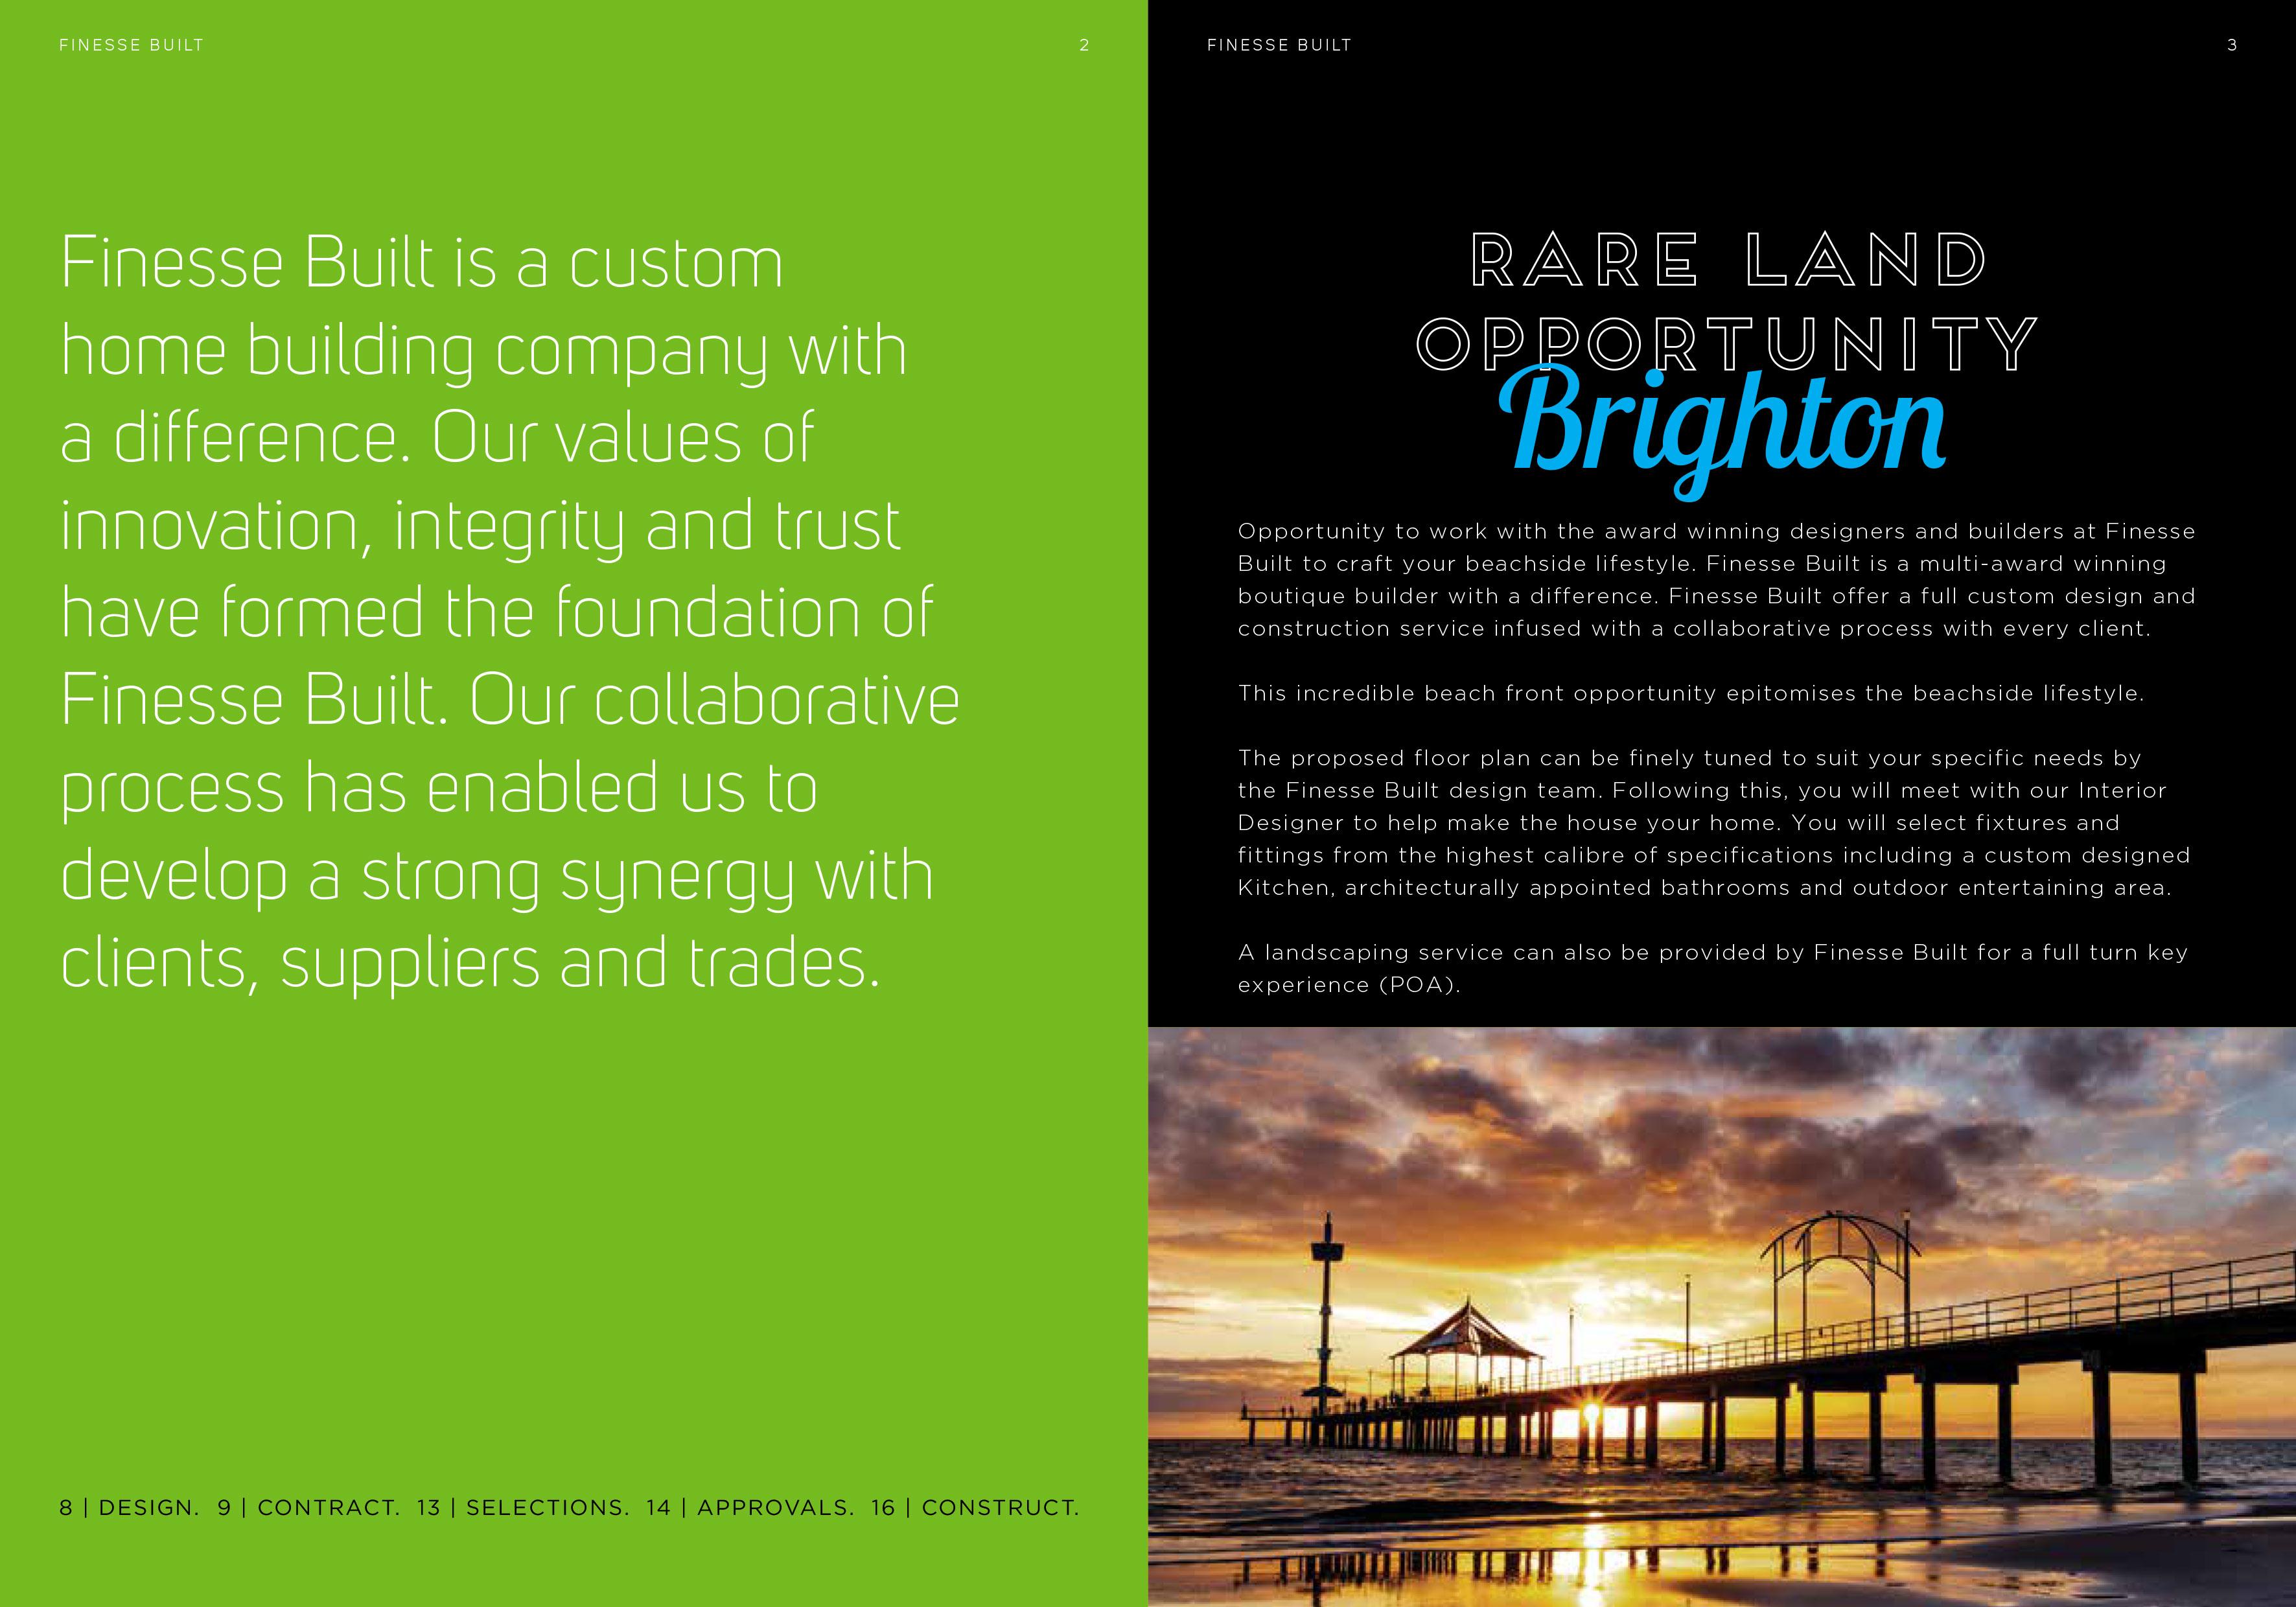 Brighton Esplanade Property